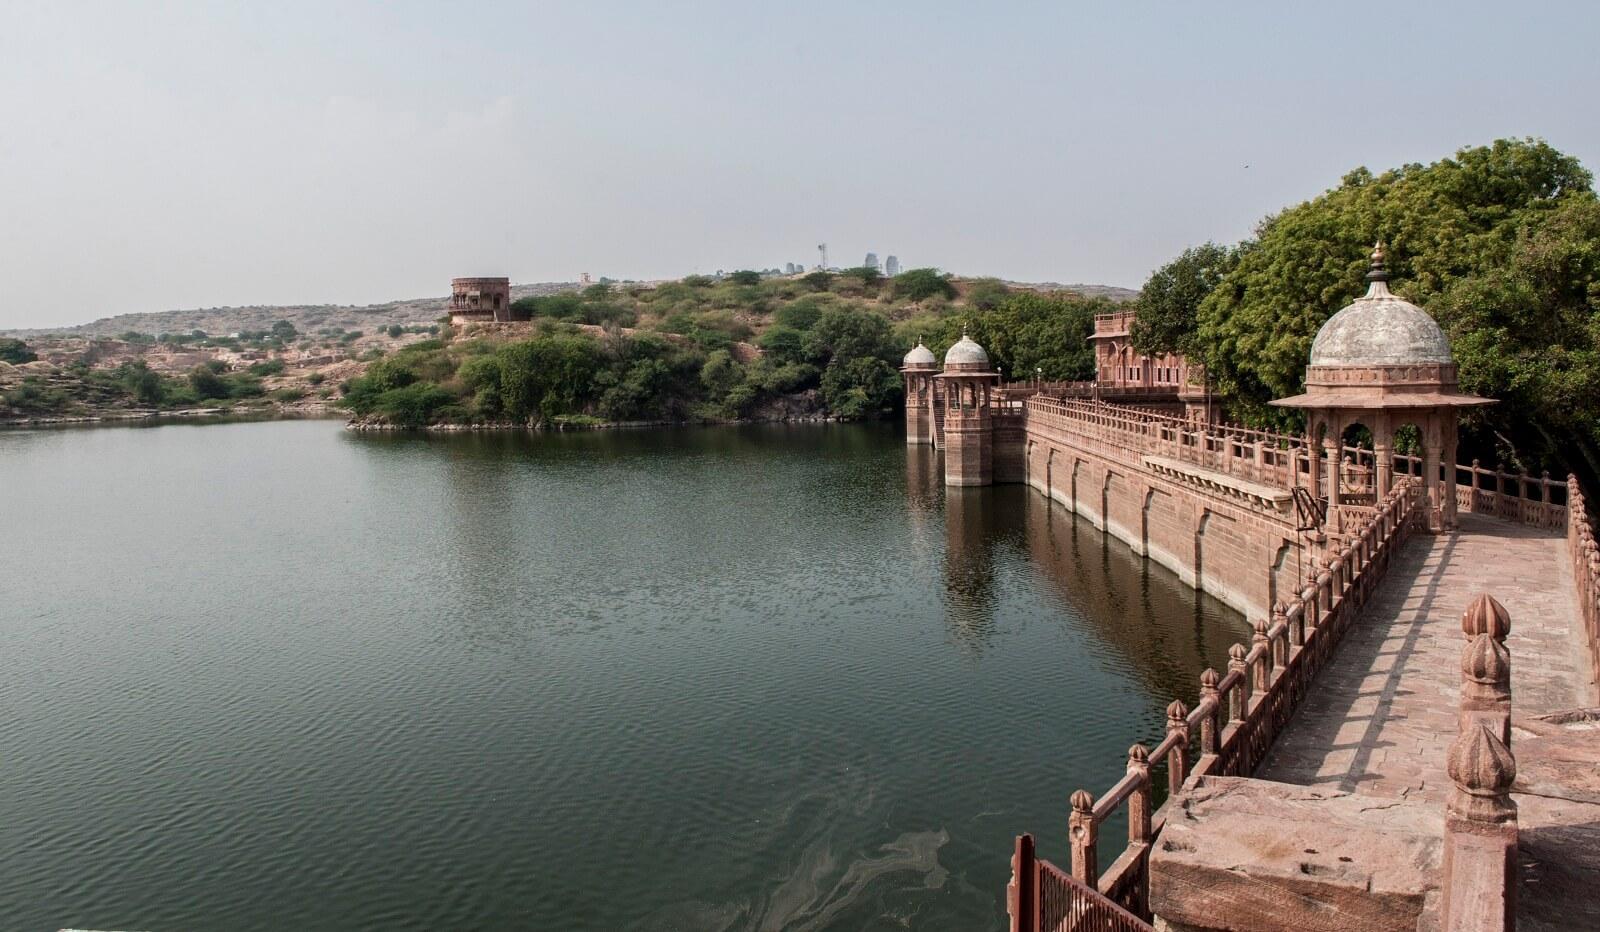 Balsamand Lake, Jodhpur